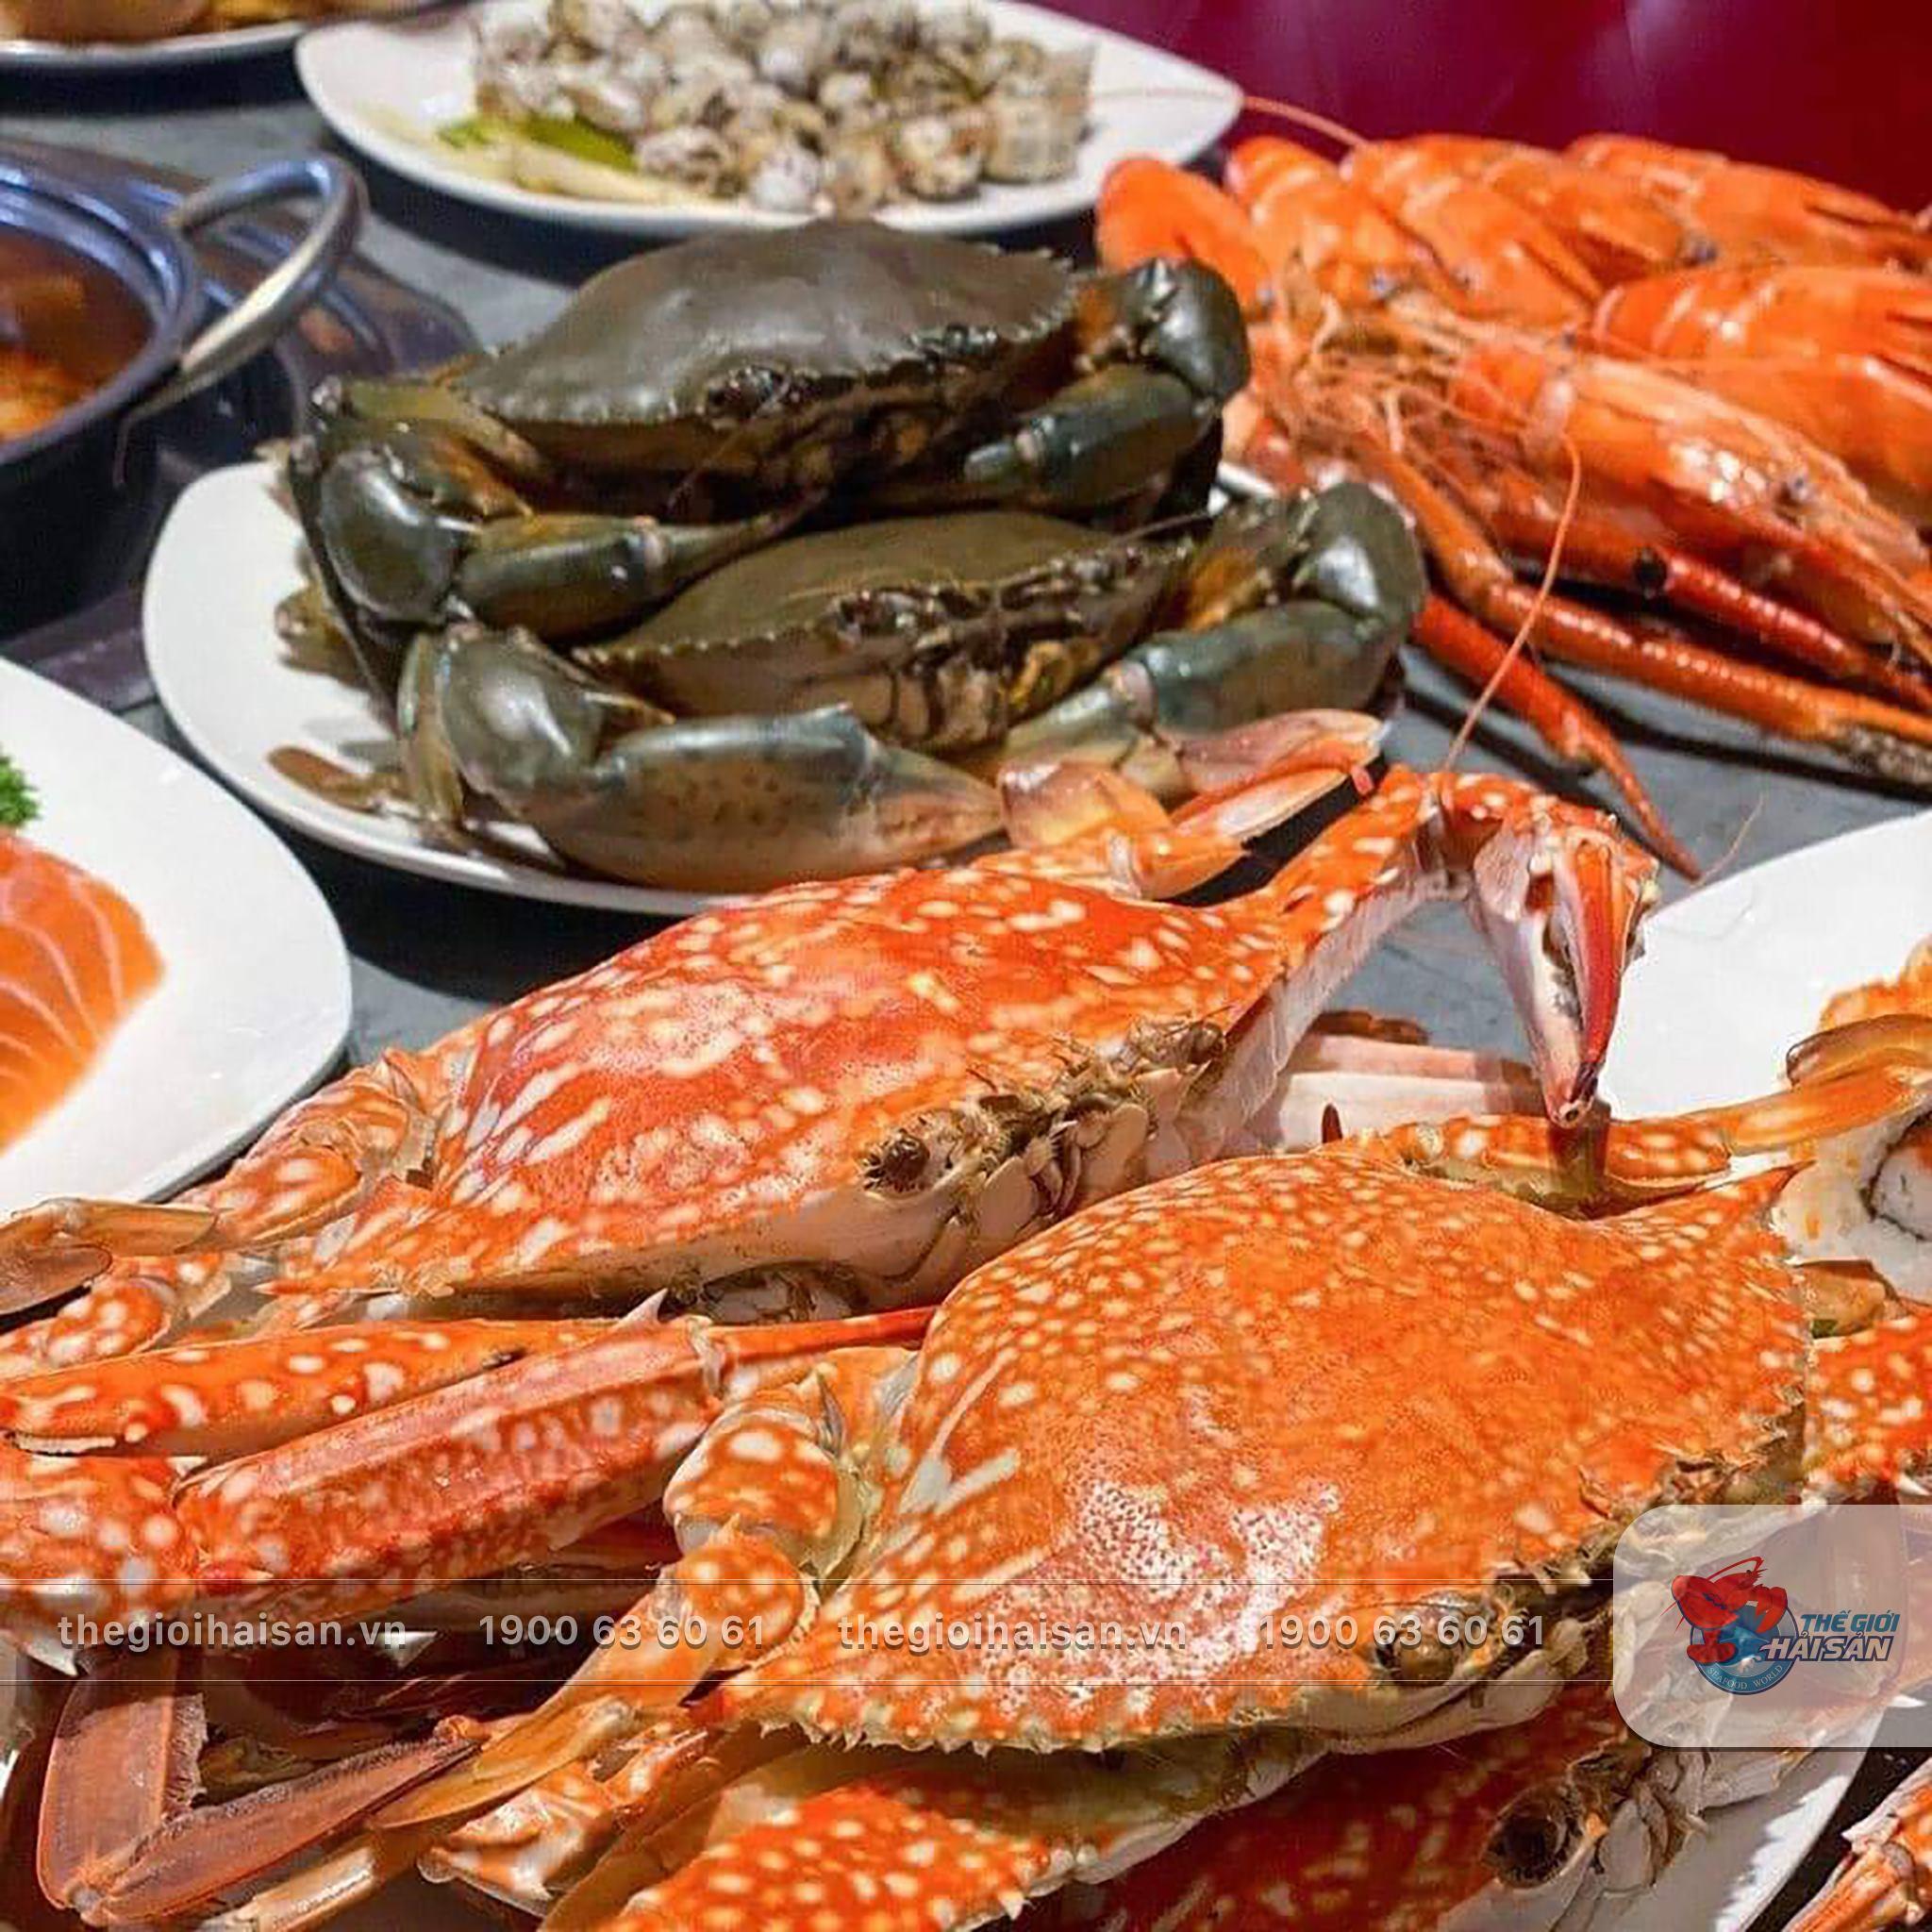 Thế giới hải sản Trần Kim Xuyến